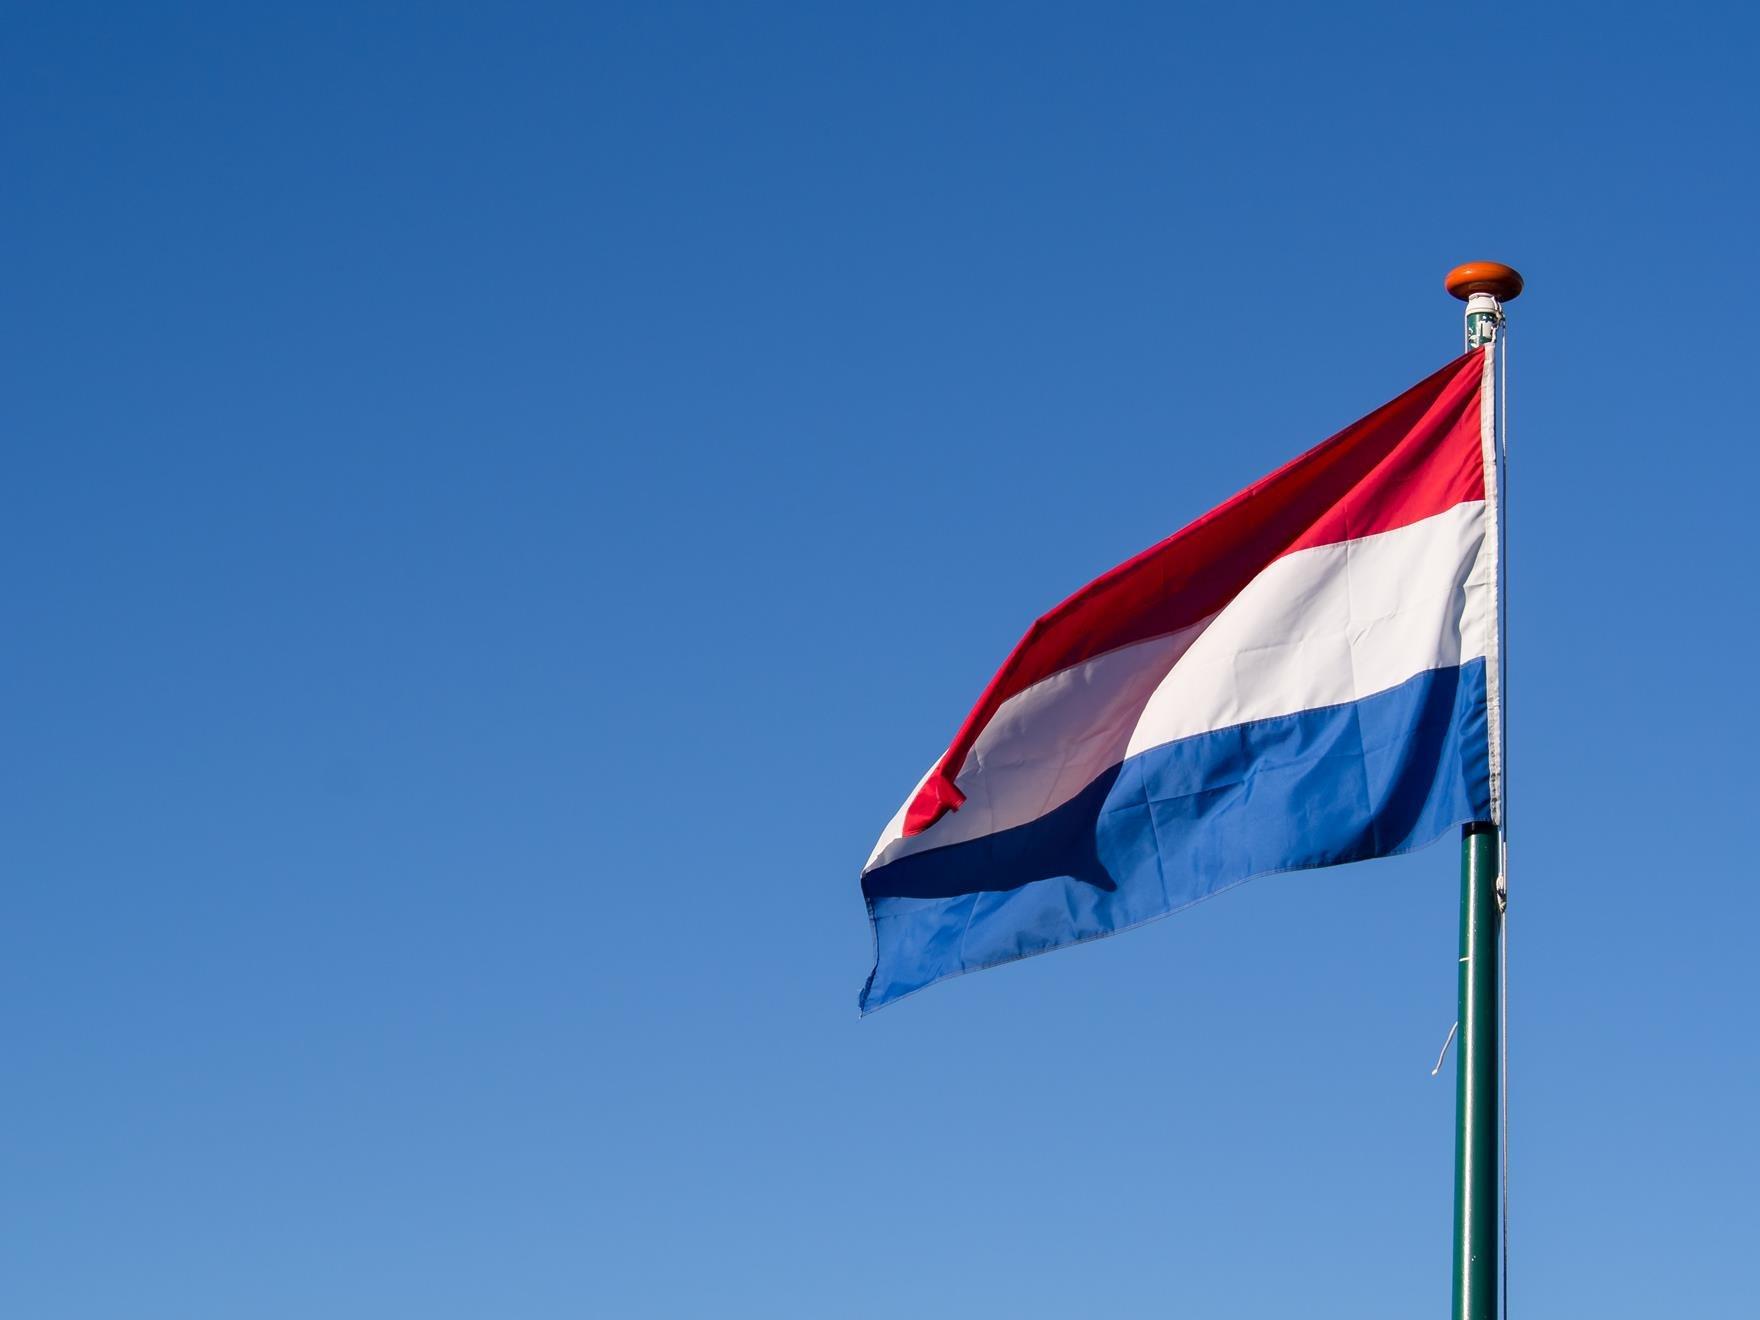 10 ciekawostek o Holandii i Holendrach 